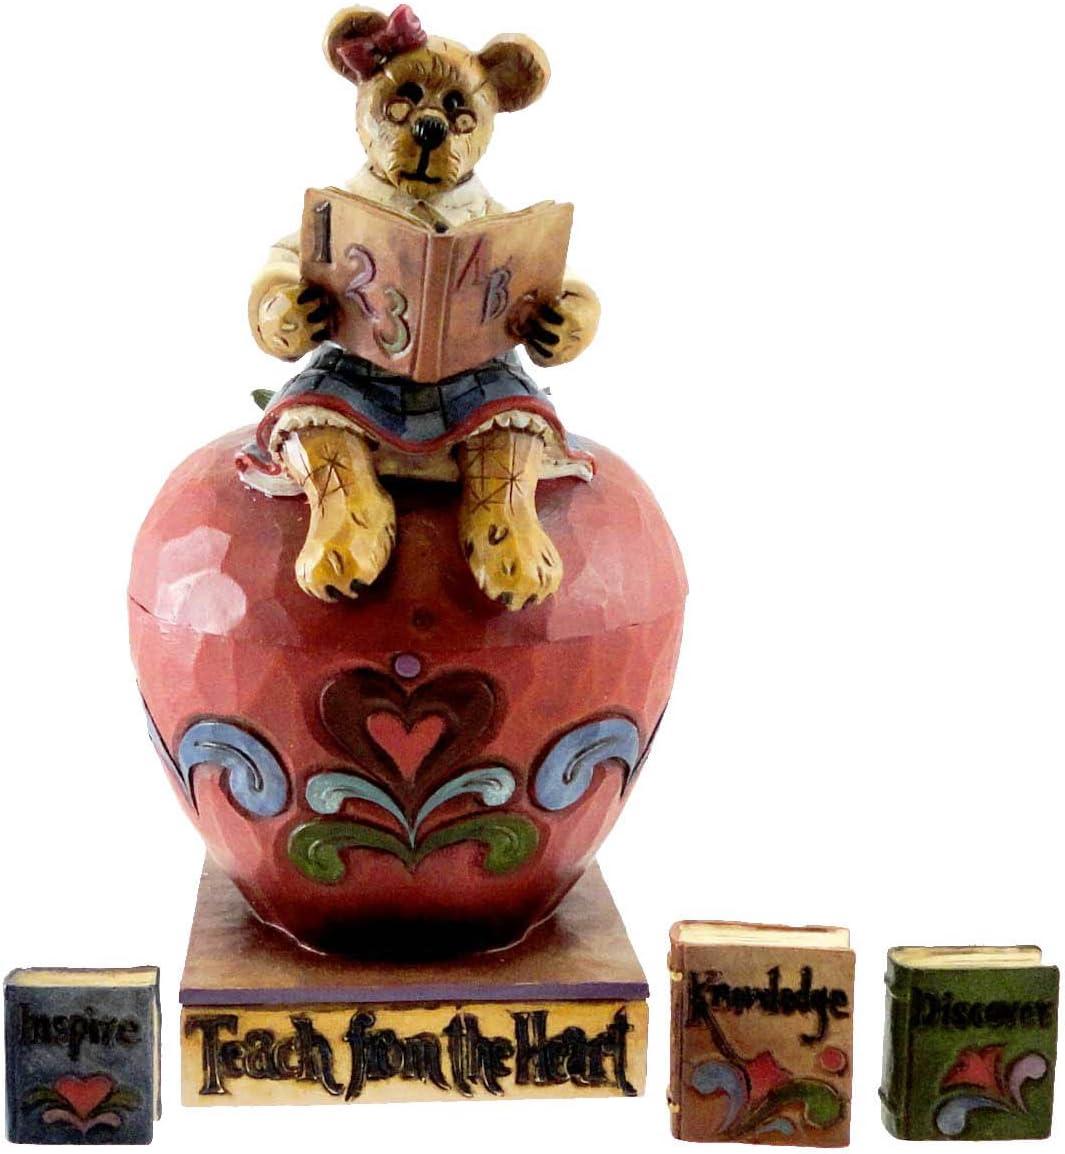 Boyd s Jim Shore Bears Teach from The Heart Apple Figurine